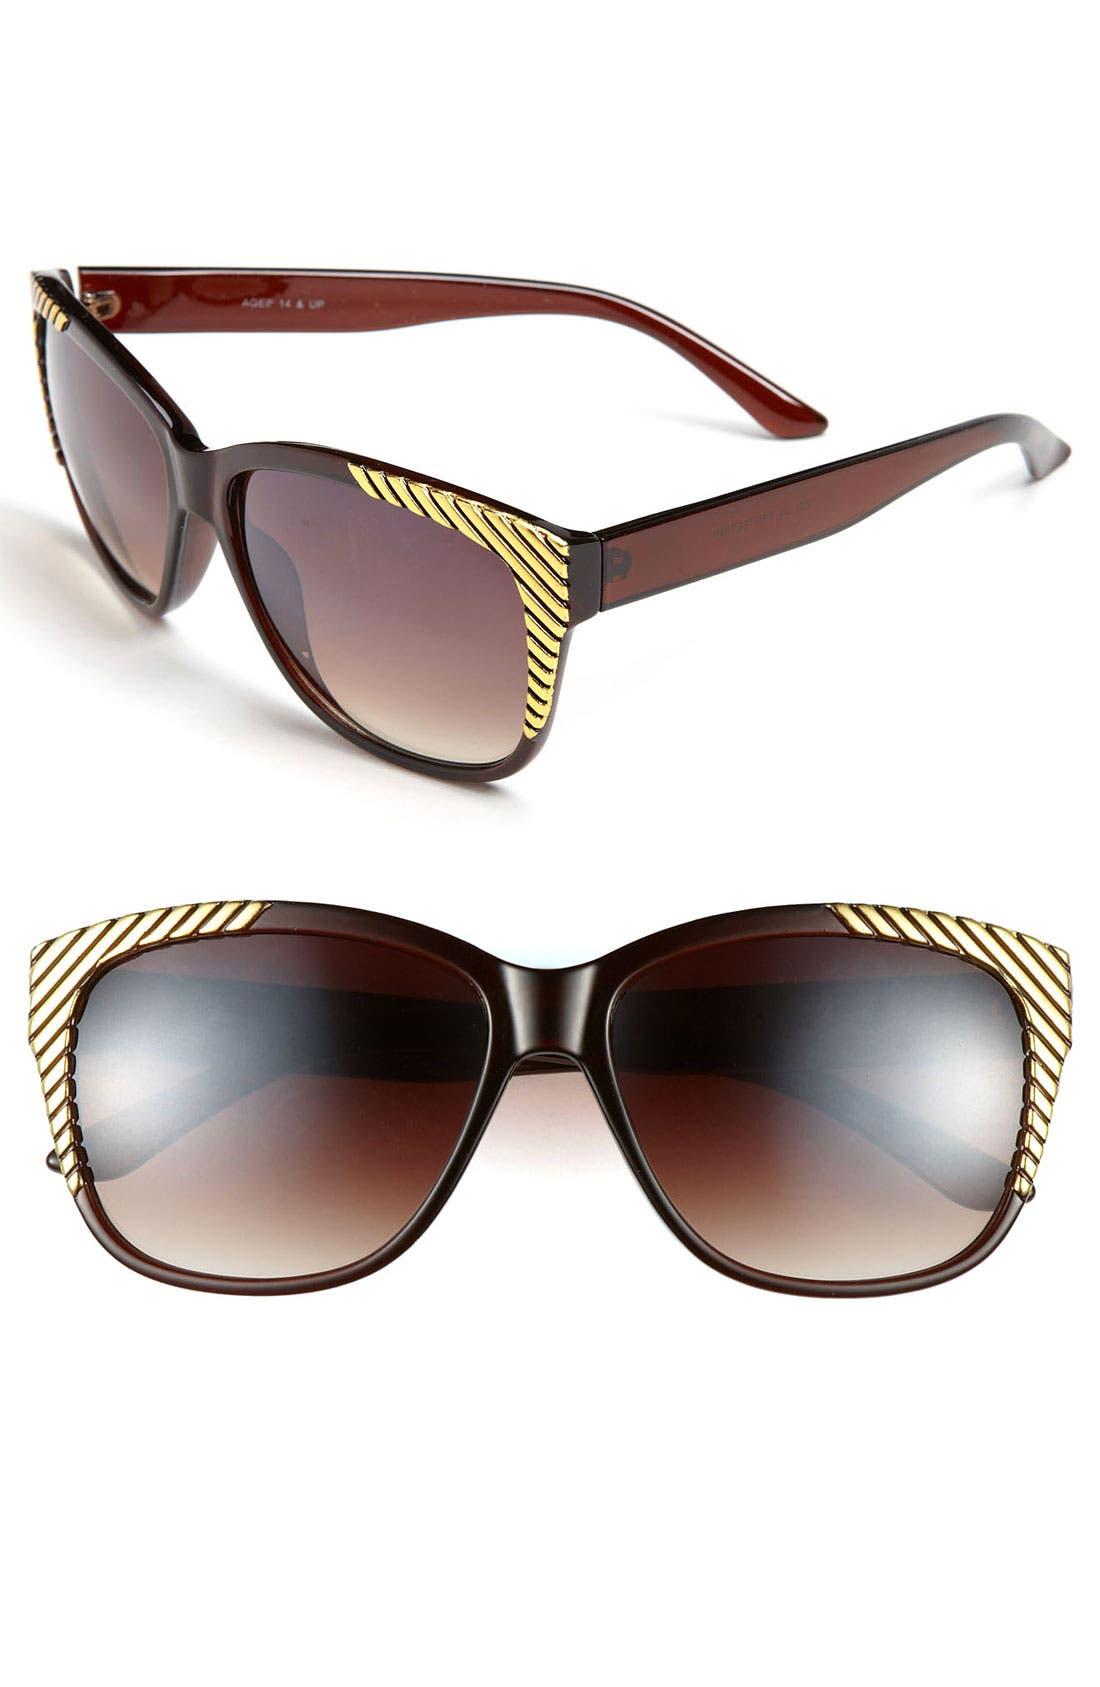 Main Image - FE NY Gold Tipped Sunglasses